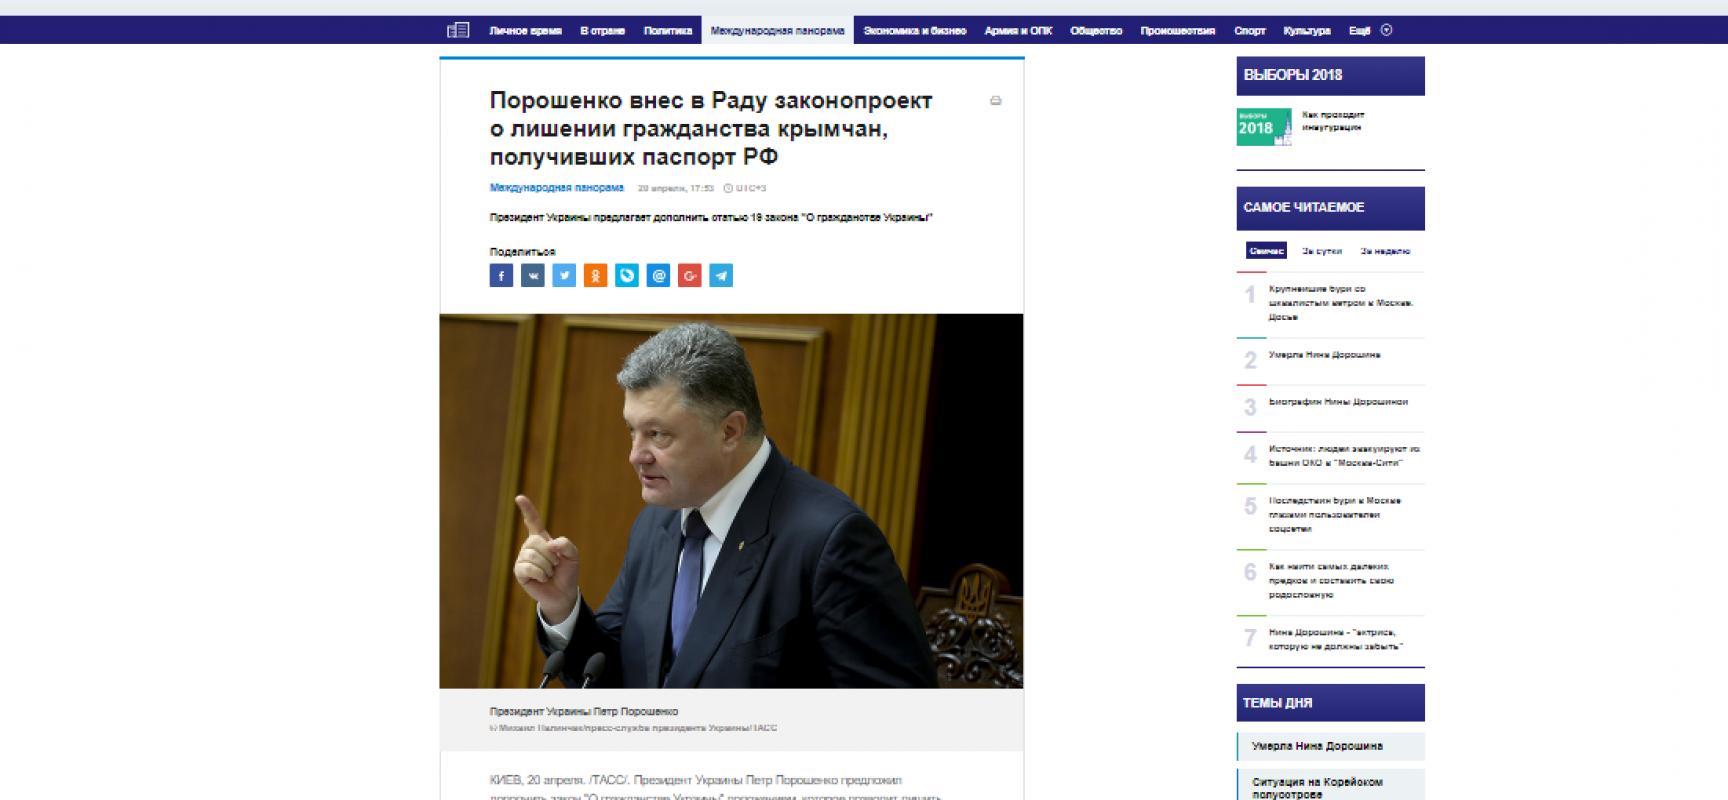 Fake: Pоrоshenko ha proposto di privare gli abitanti della Crimea della cittadinanza ucraina